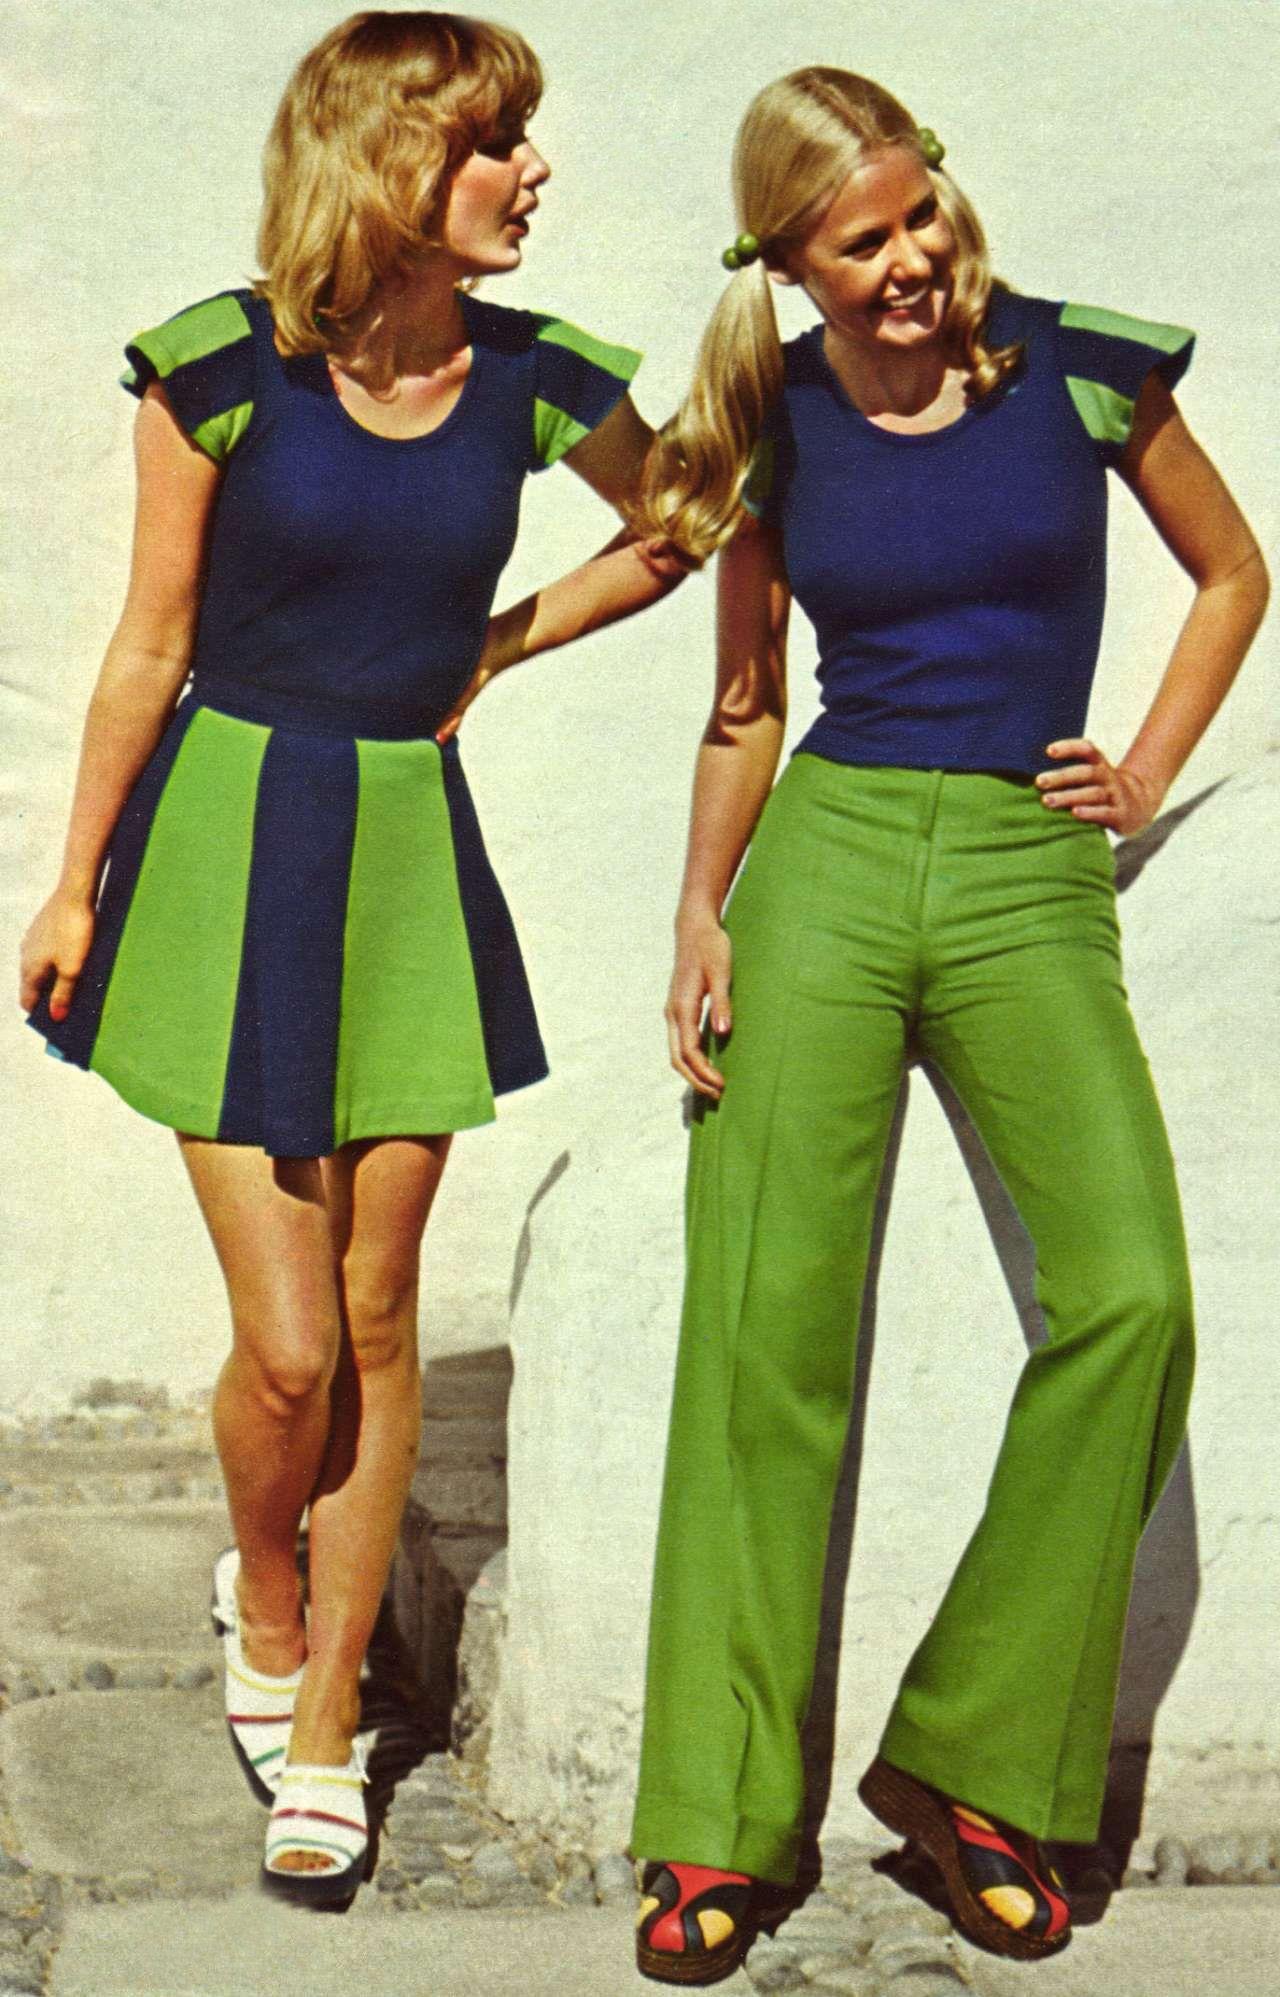 la mode des femmes fran aises dans les ann es 1970 elles portent des v tements de couleur avec. Black Bedroom Furniture Sets. Home Design Ideas